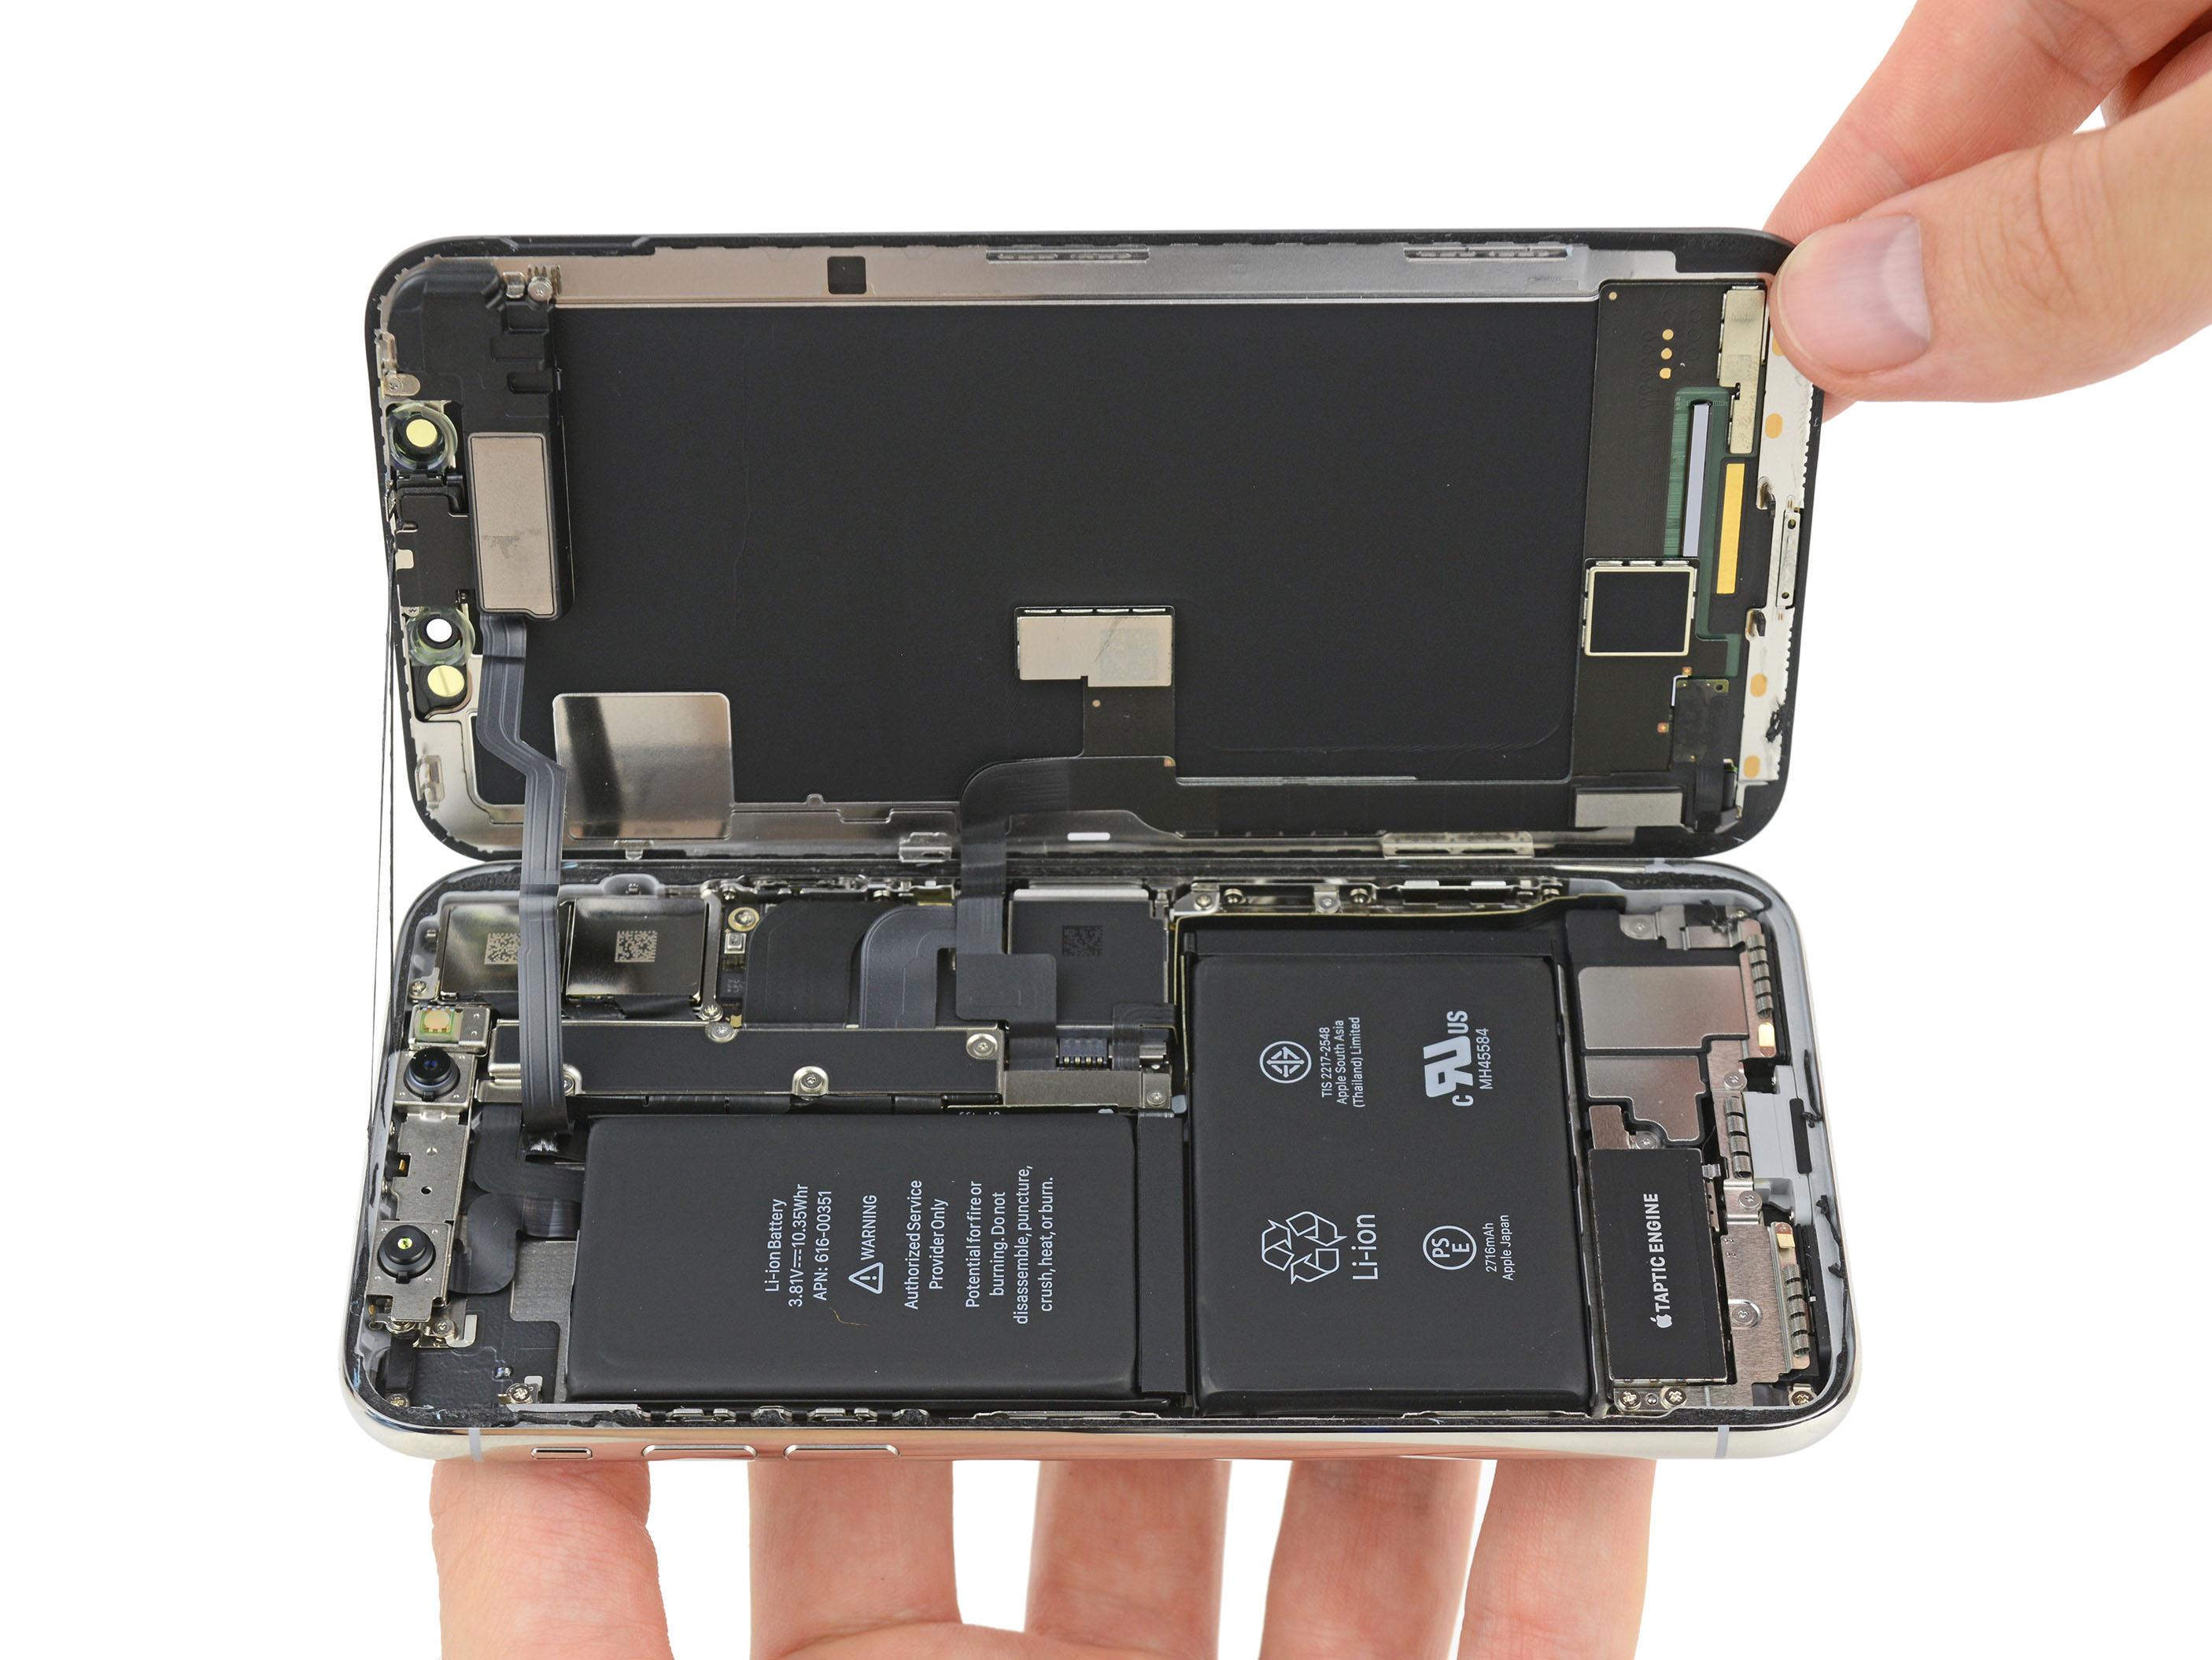 3 actualités qui ont marqué la semaine : le #BatteryGate d'Apple, l'app de Snowden et le Galaxy S9